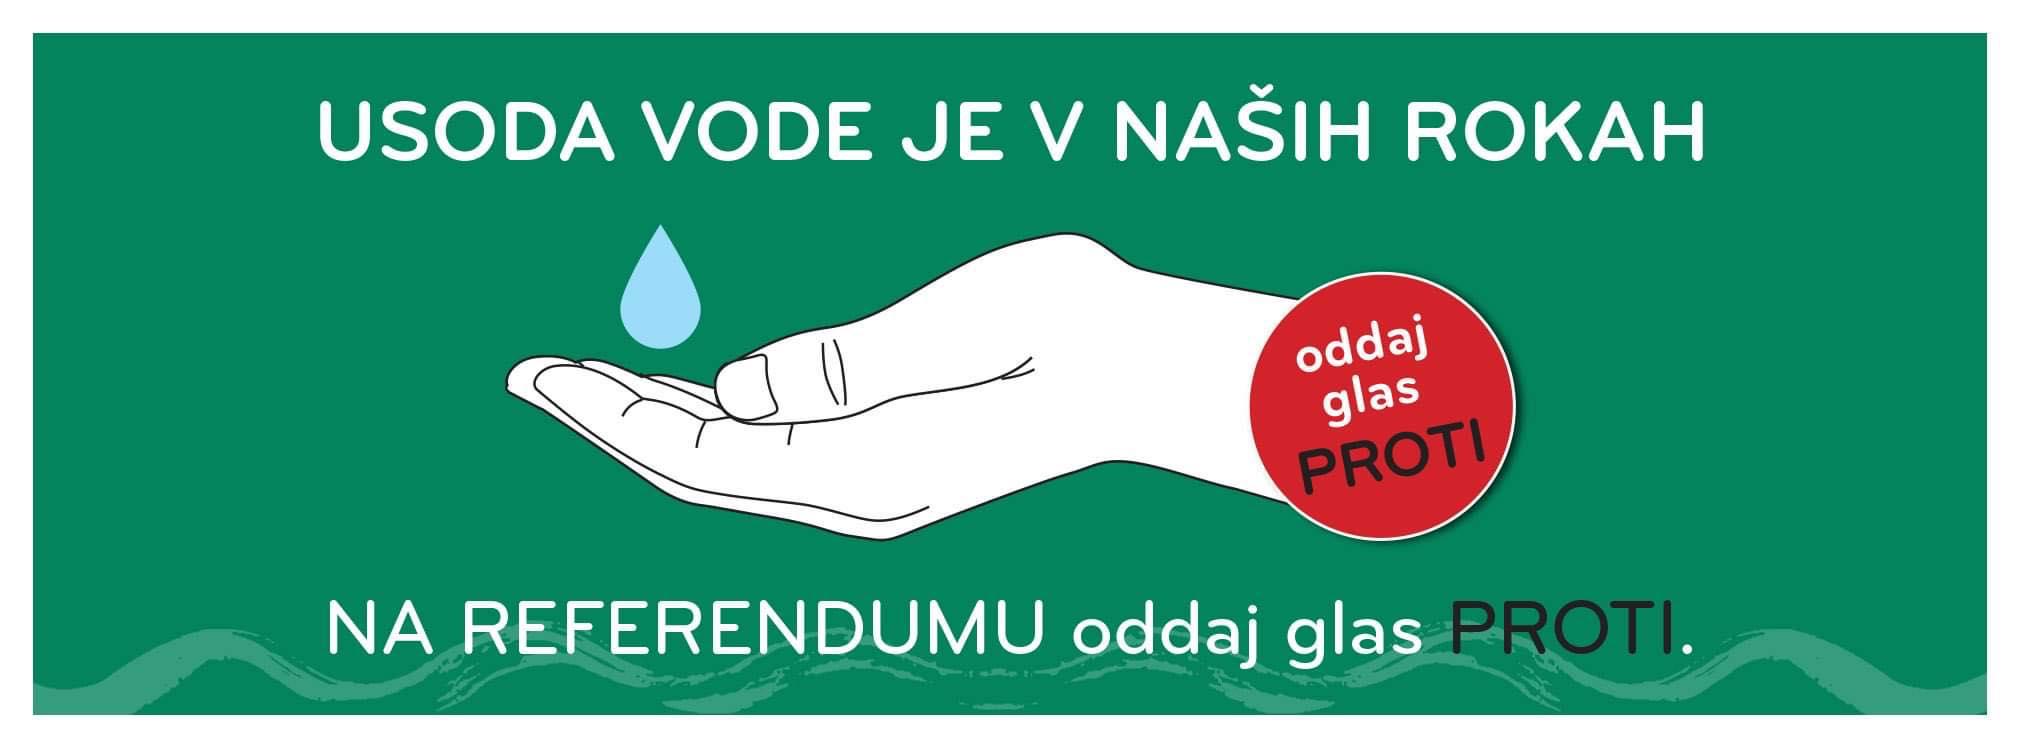 Poziv za glasovanje na referendumu